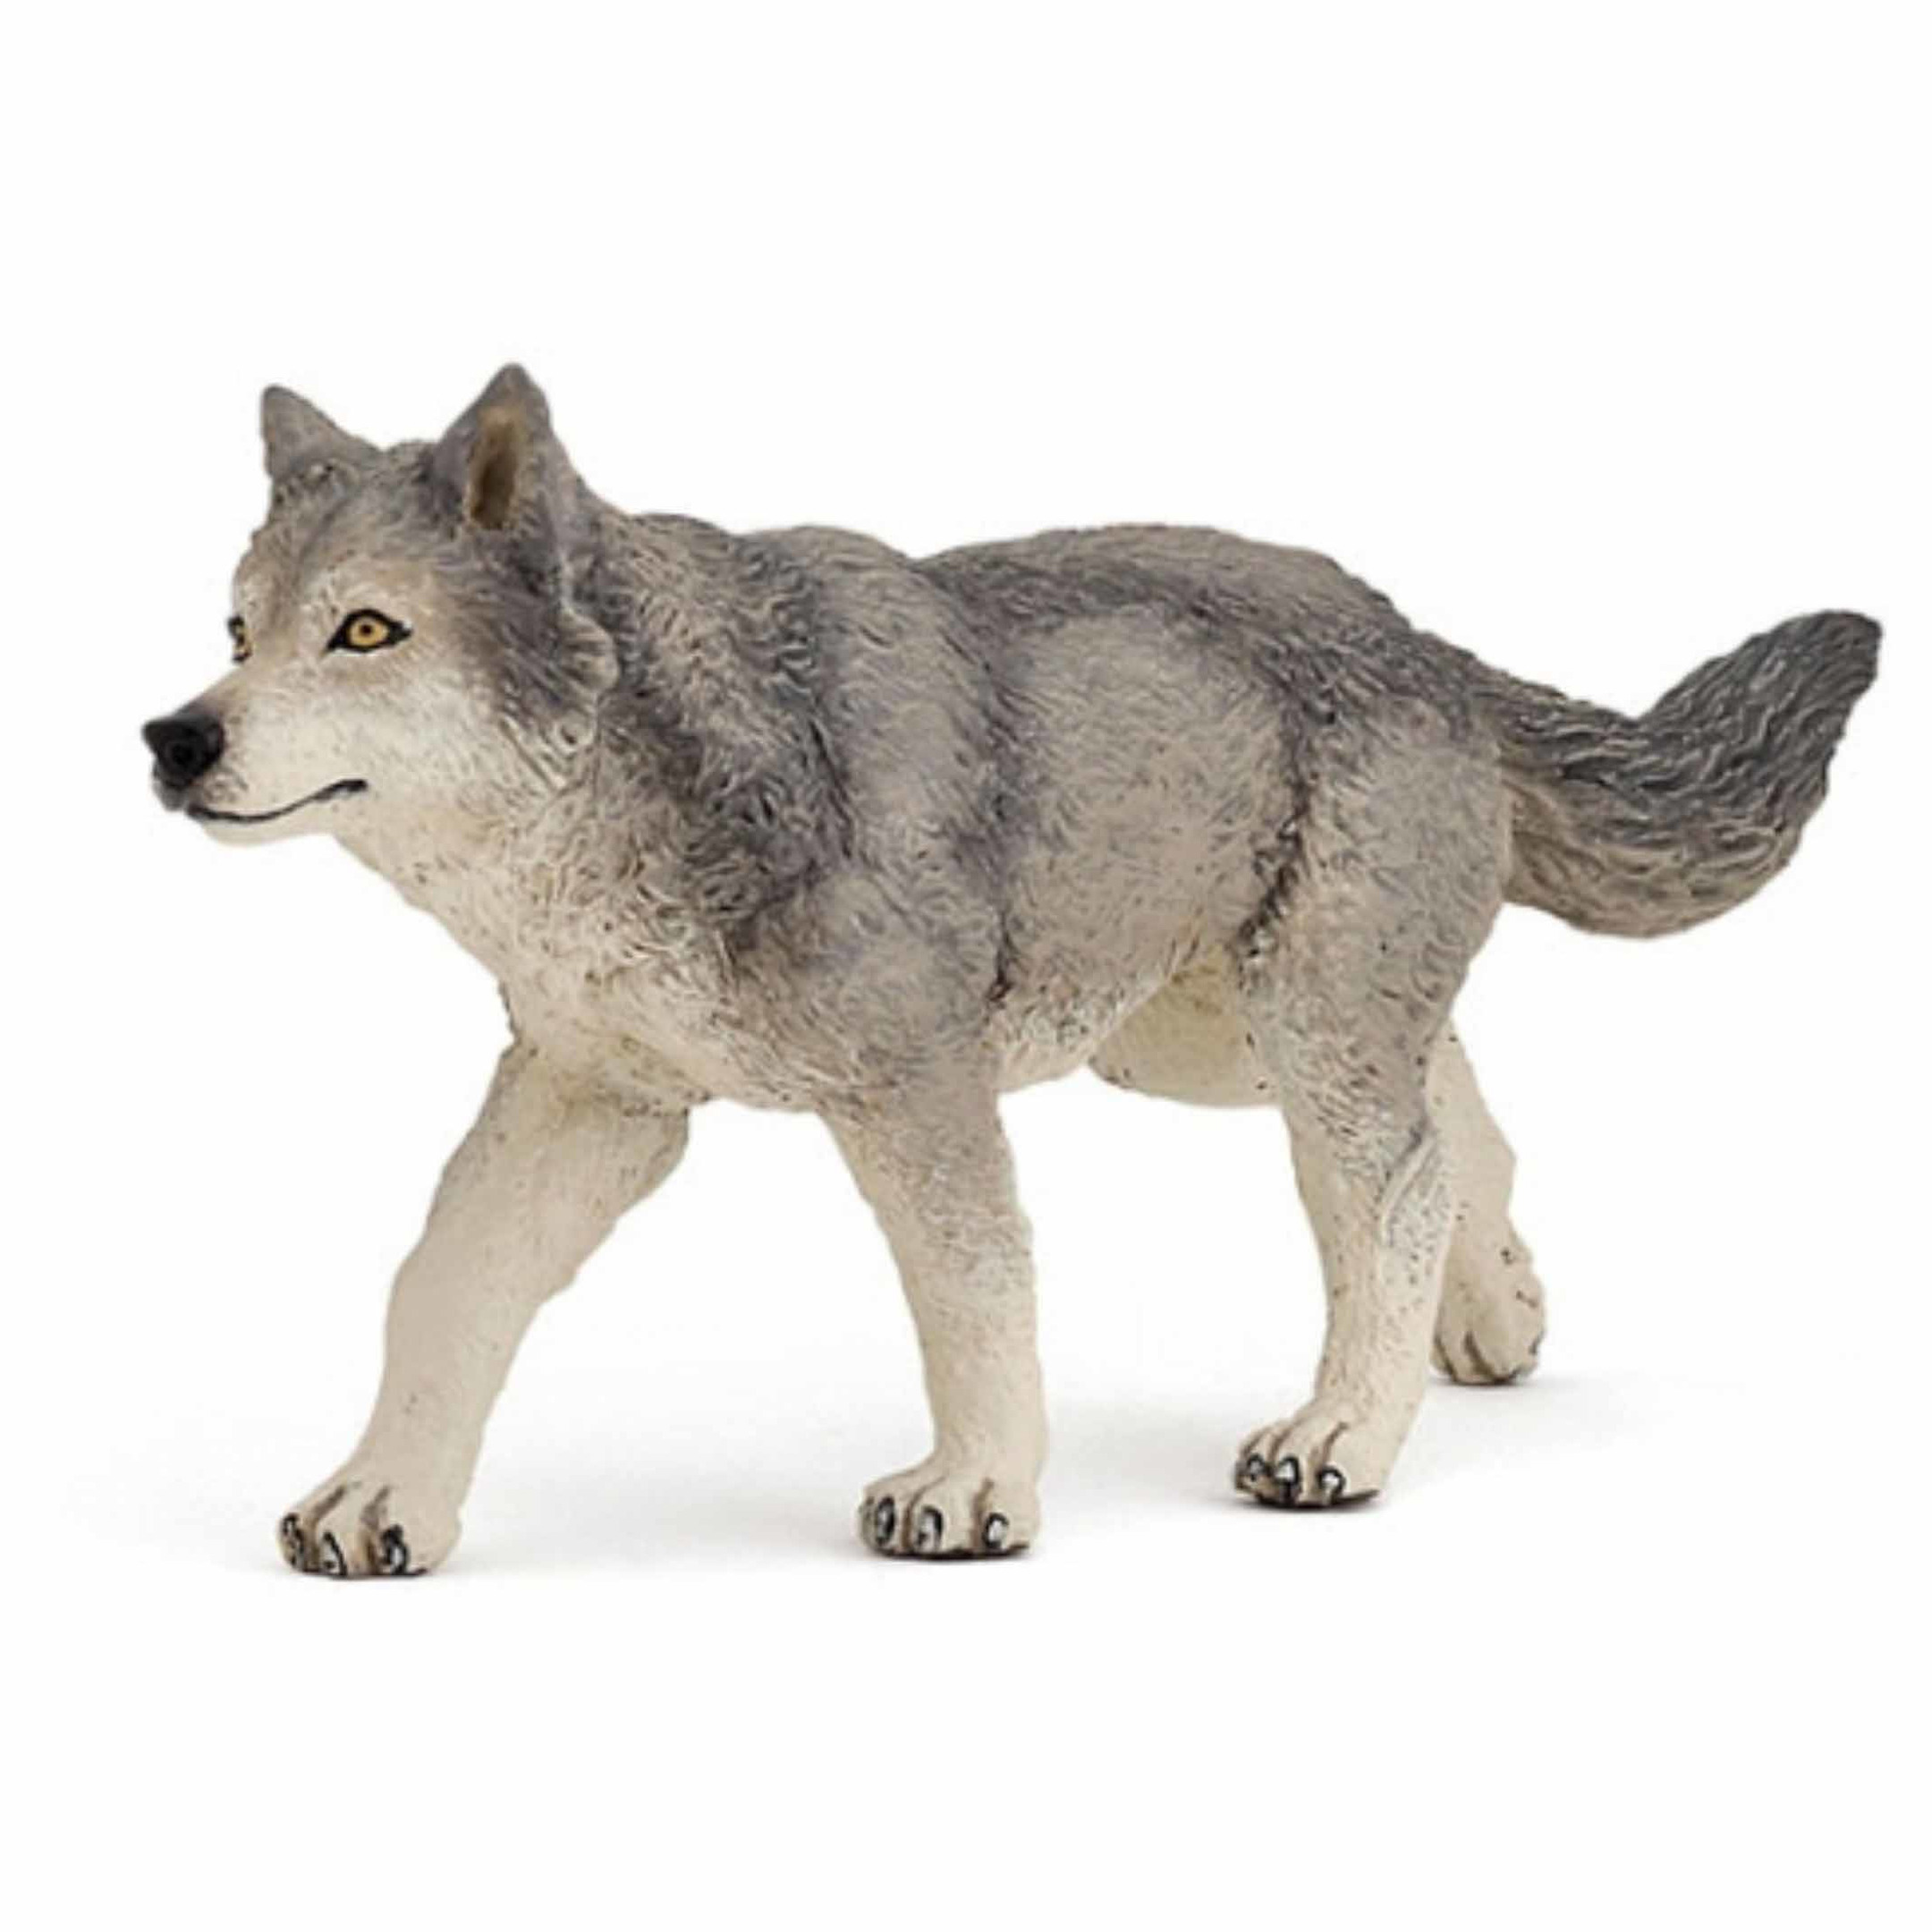 Plastic speelgoed figuur grijze wolf/wolven 12 cm